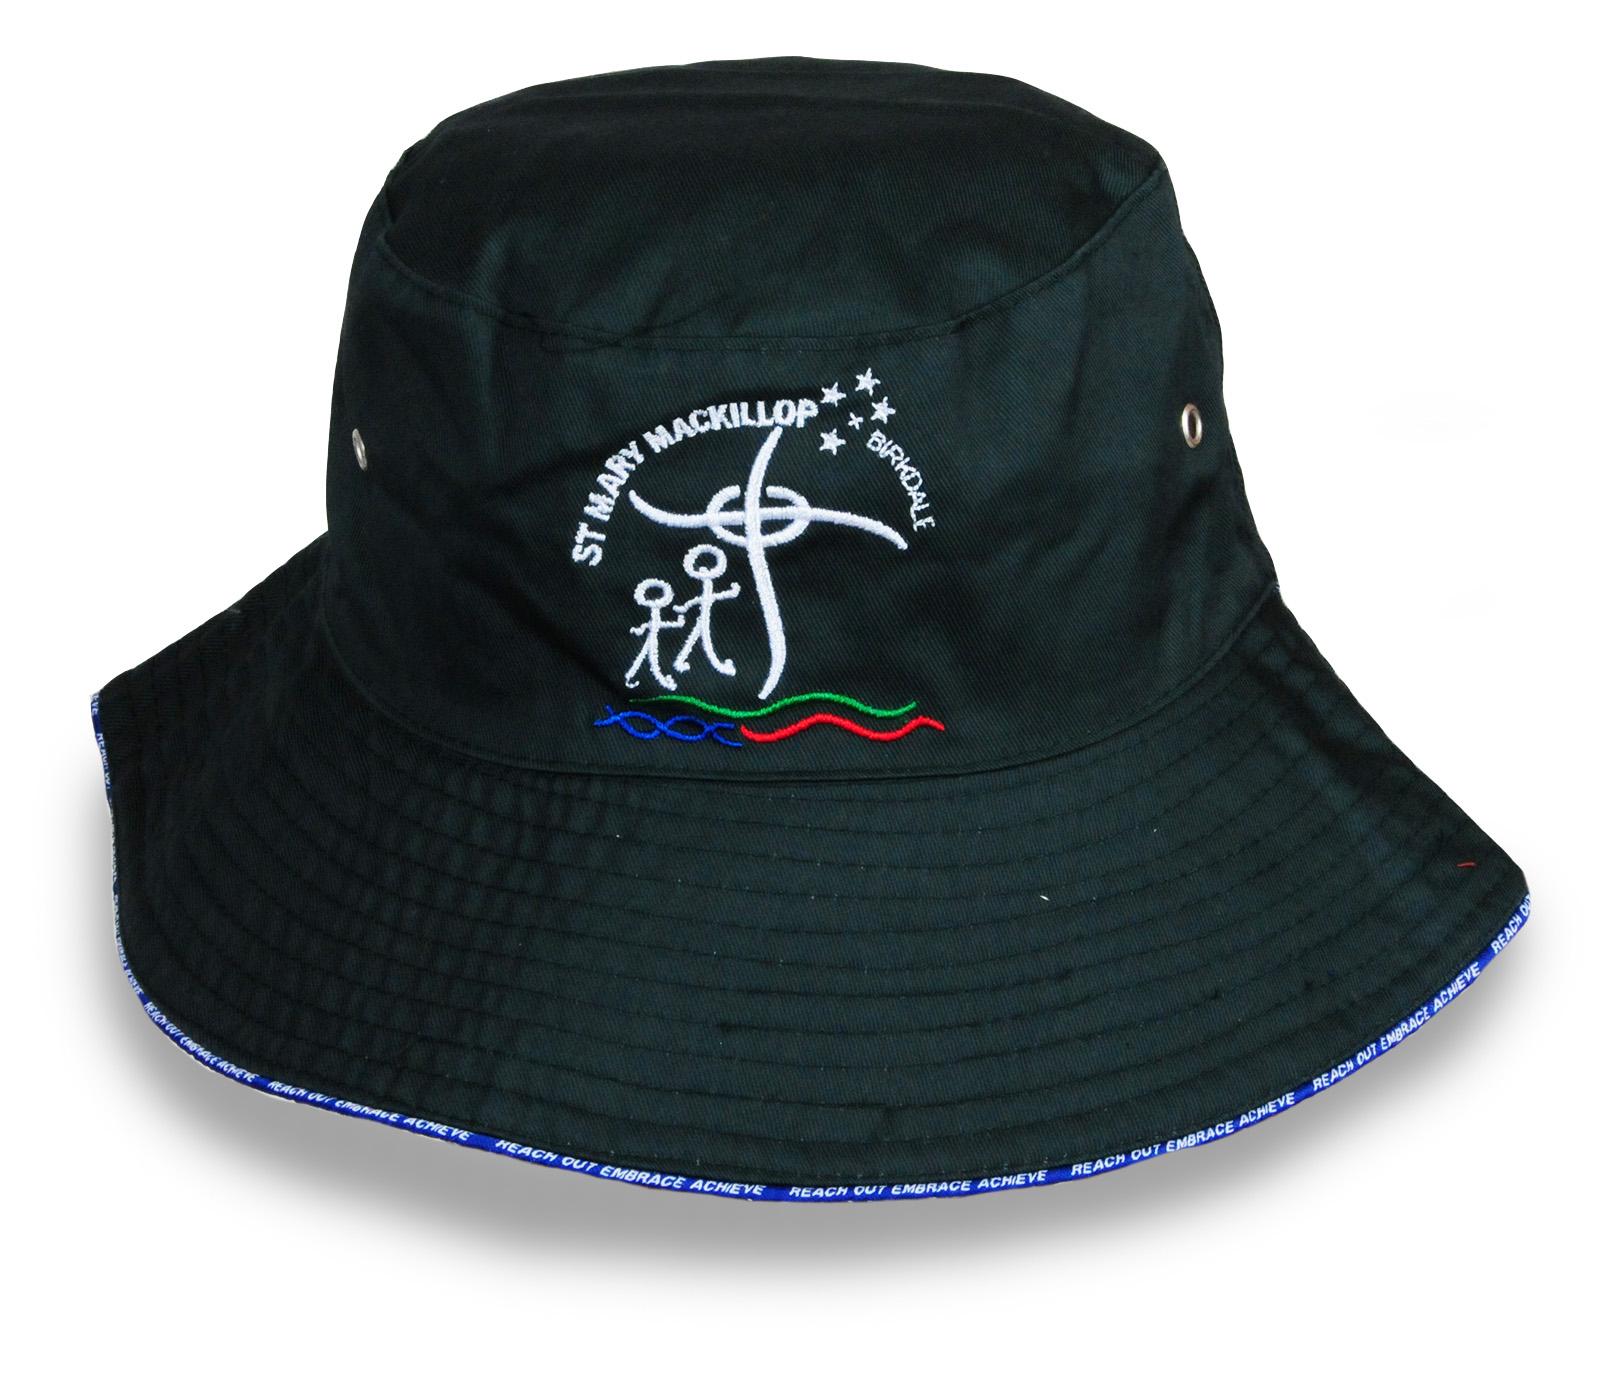 Купить взрослую шляпу панаму всего за 100 рублей!